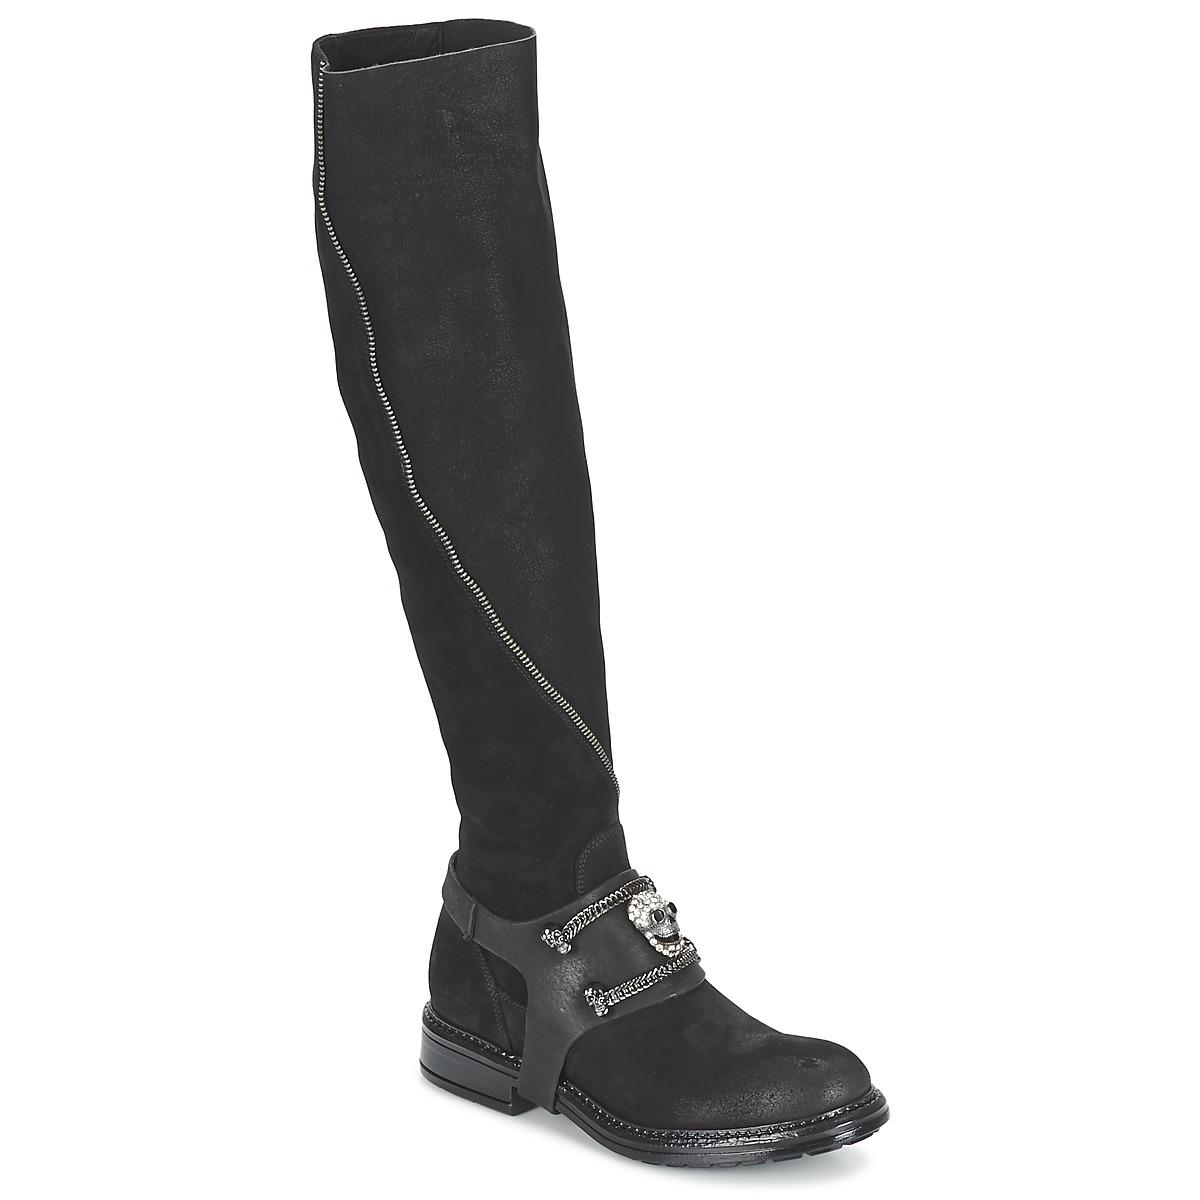 Now CALOPORO Schwarz - Kostenloser Versand bei Spartoode ! - Schuhe Klassische Stiefel Damen 179,50 €